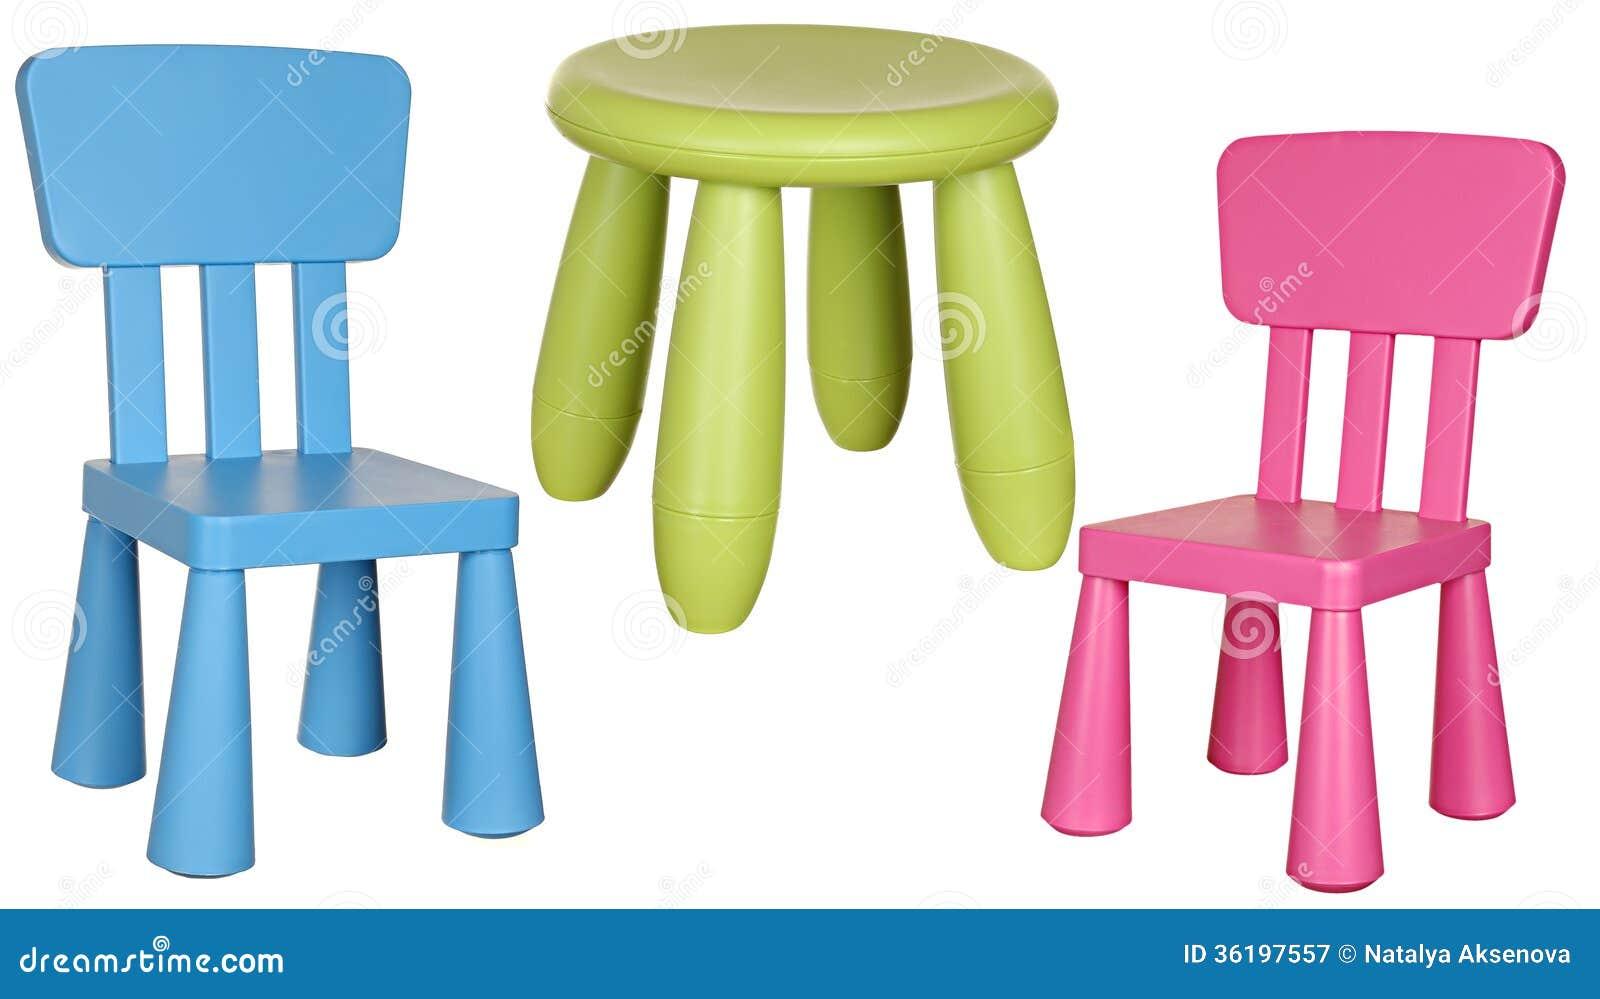 Sedie In Plastica Stock.Le Tre Sedie Di Plastica Dei Bambini Isolate Su Bianco Immagine